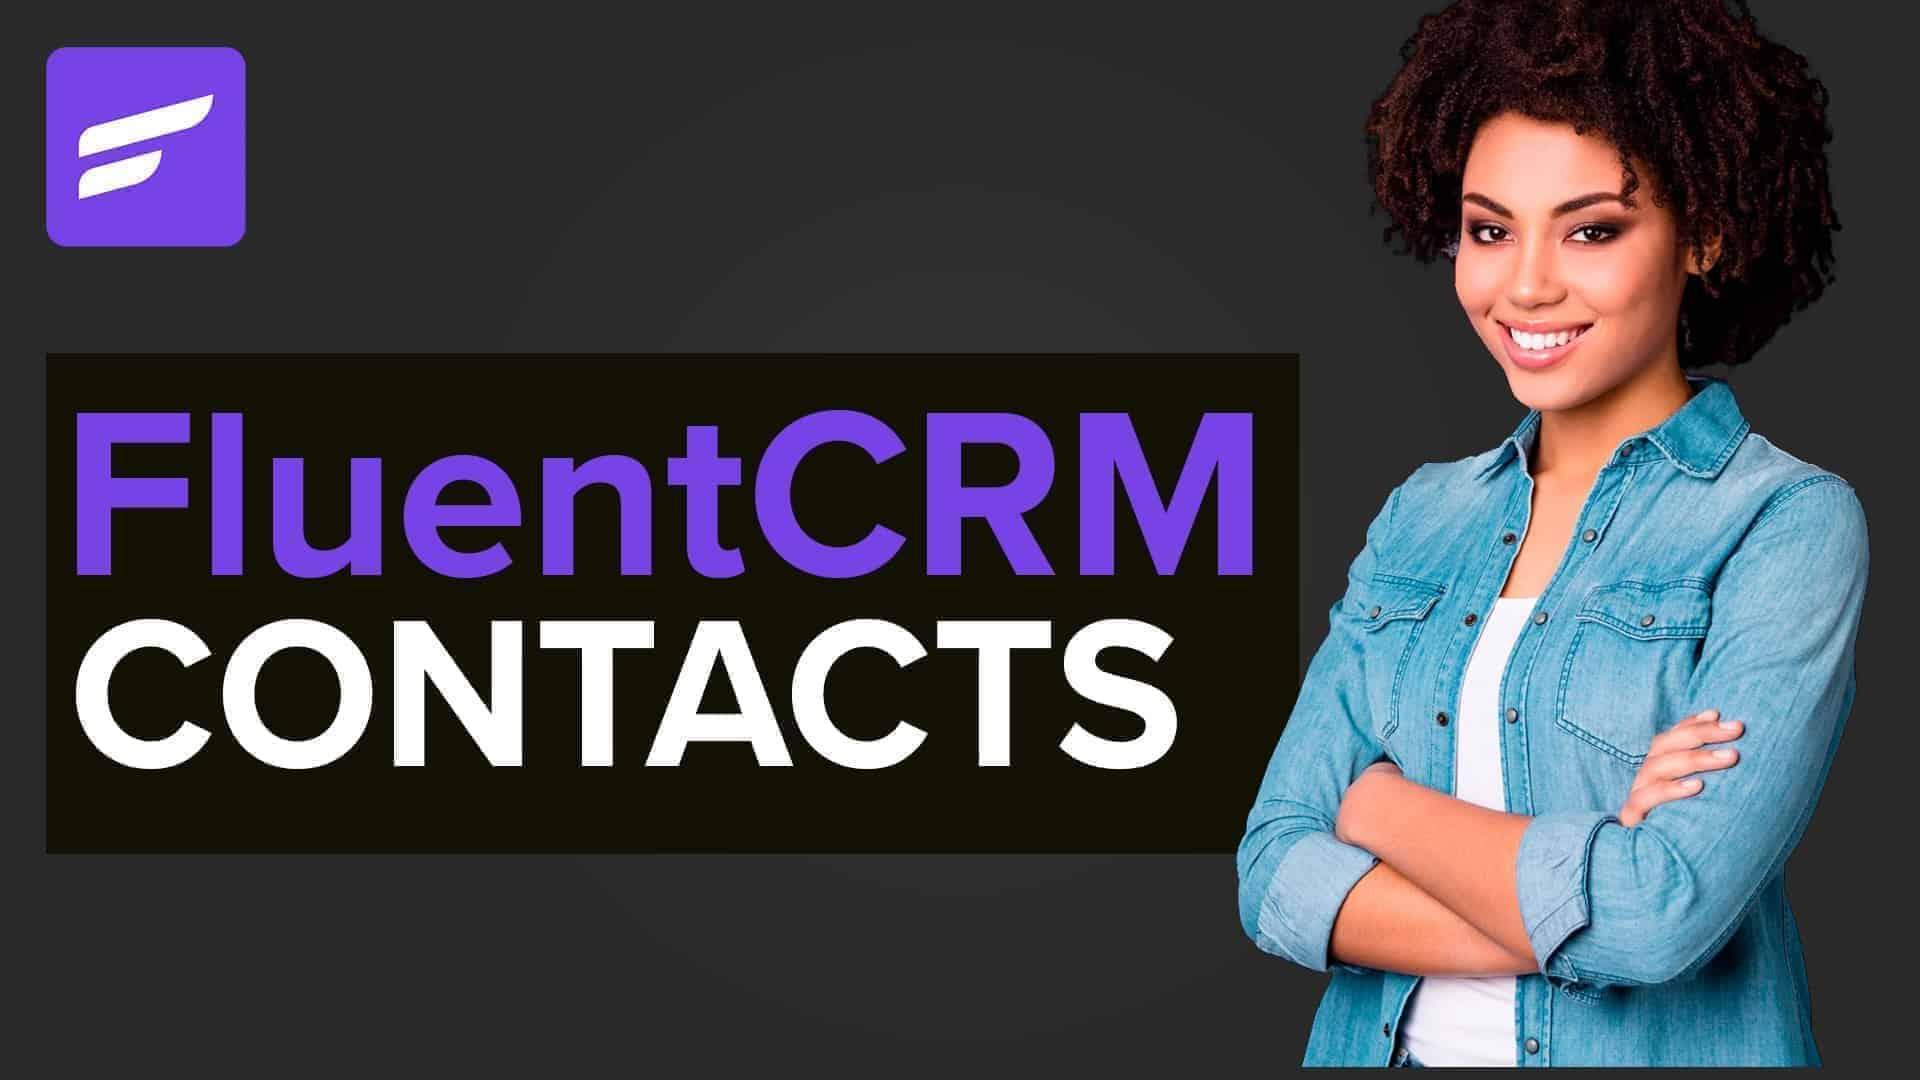 FluentCRM Contacts